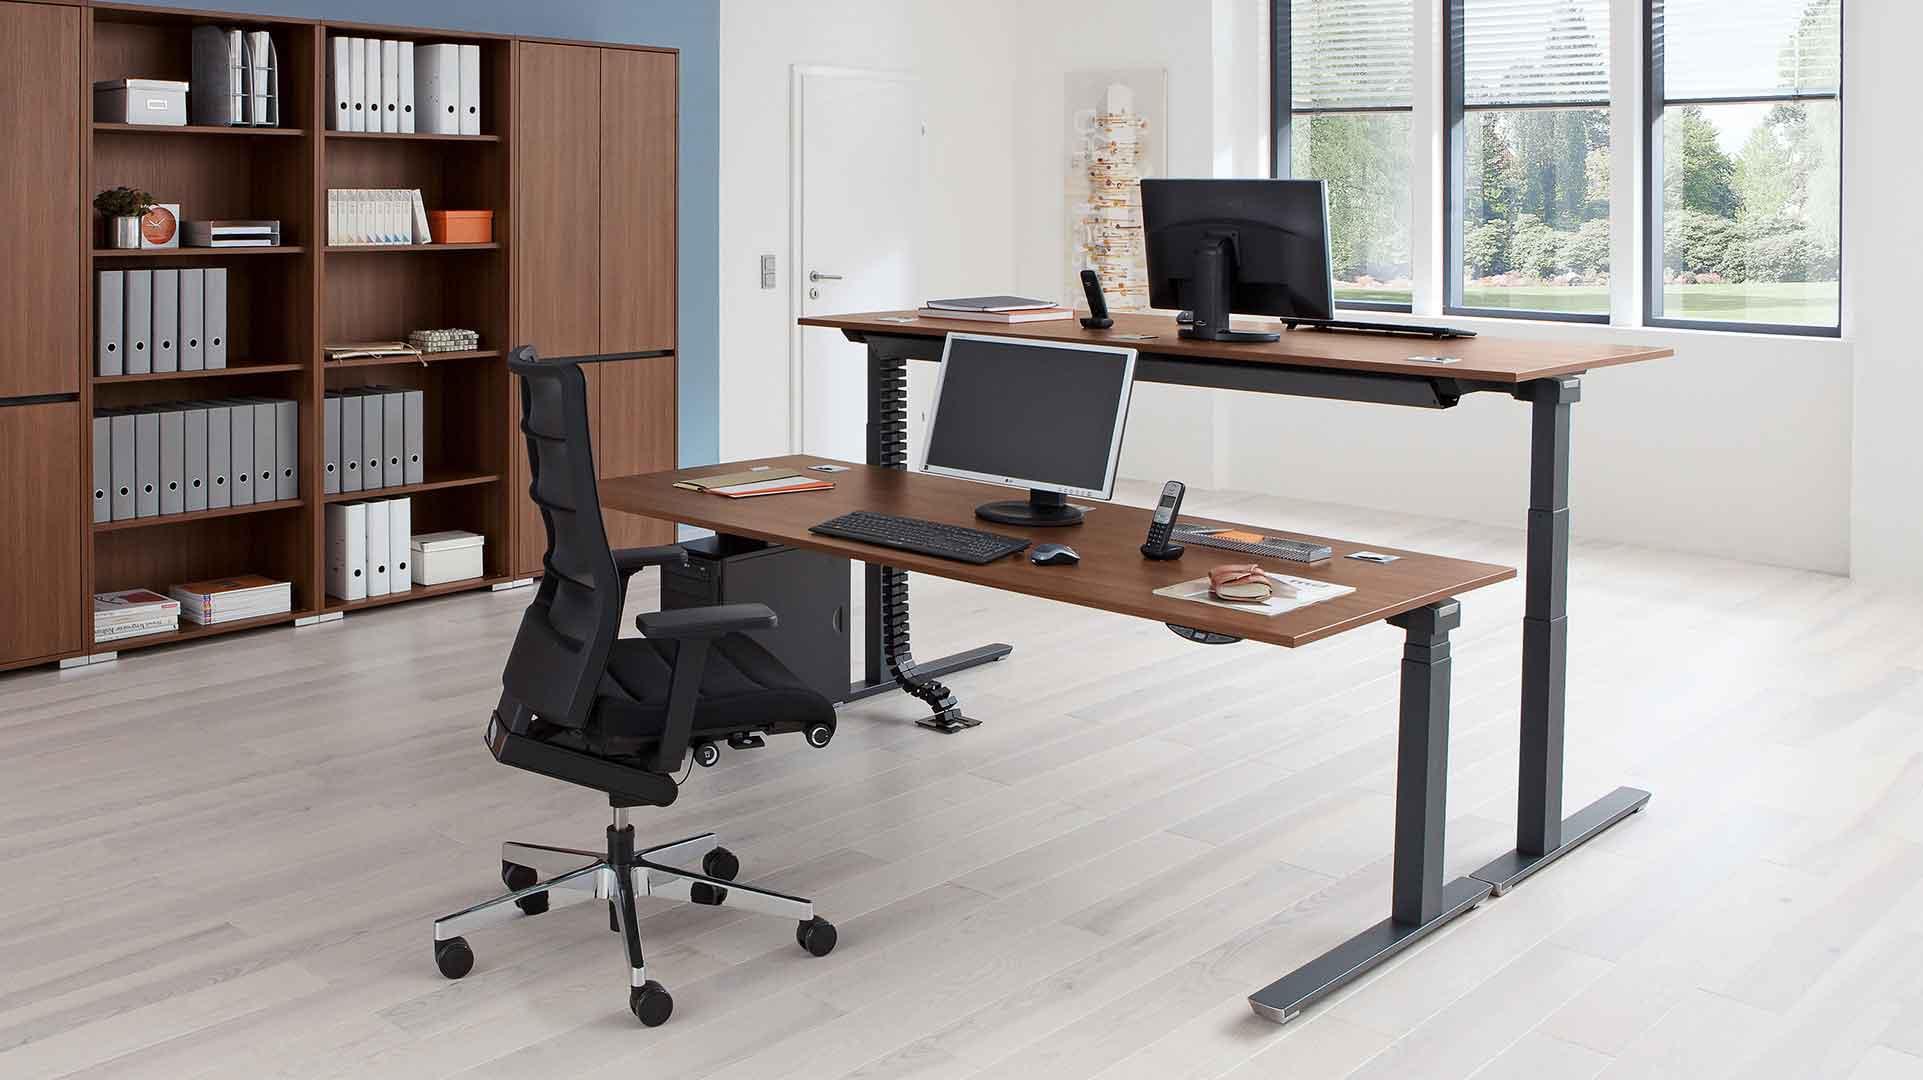 Sta Zit Stoel : Creëer een zit sta werkplek met een elektrisch bureau